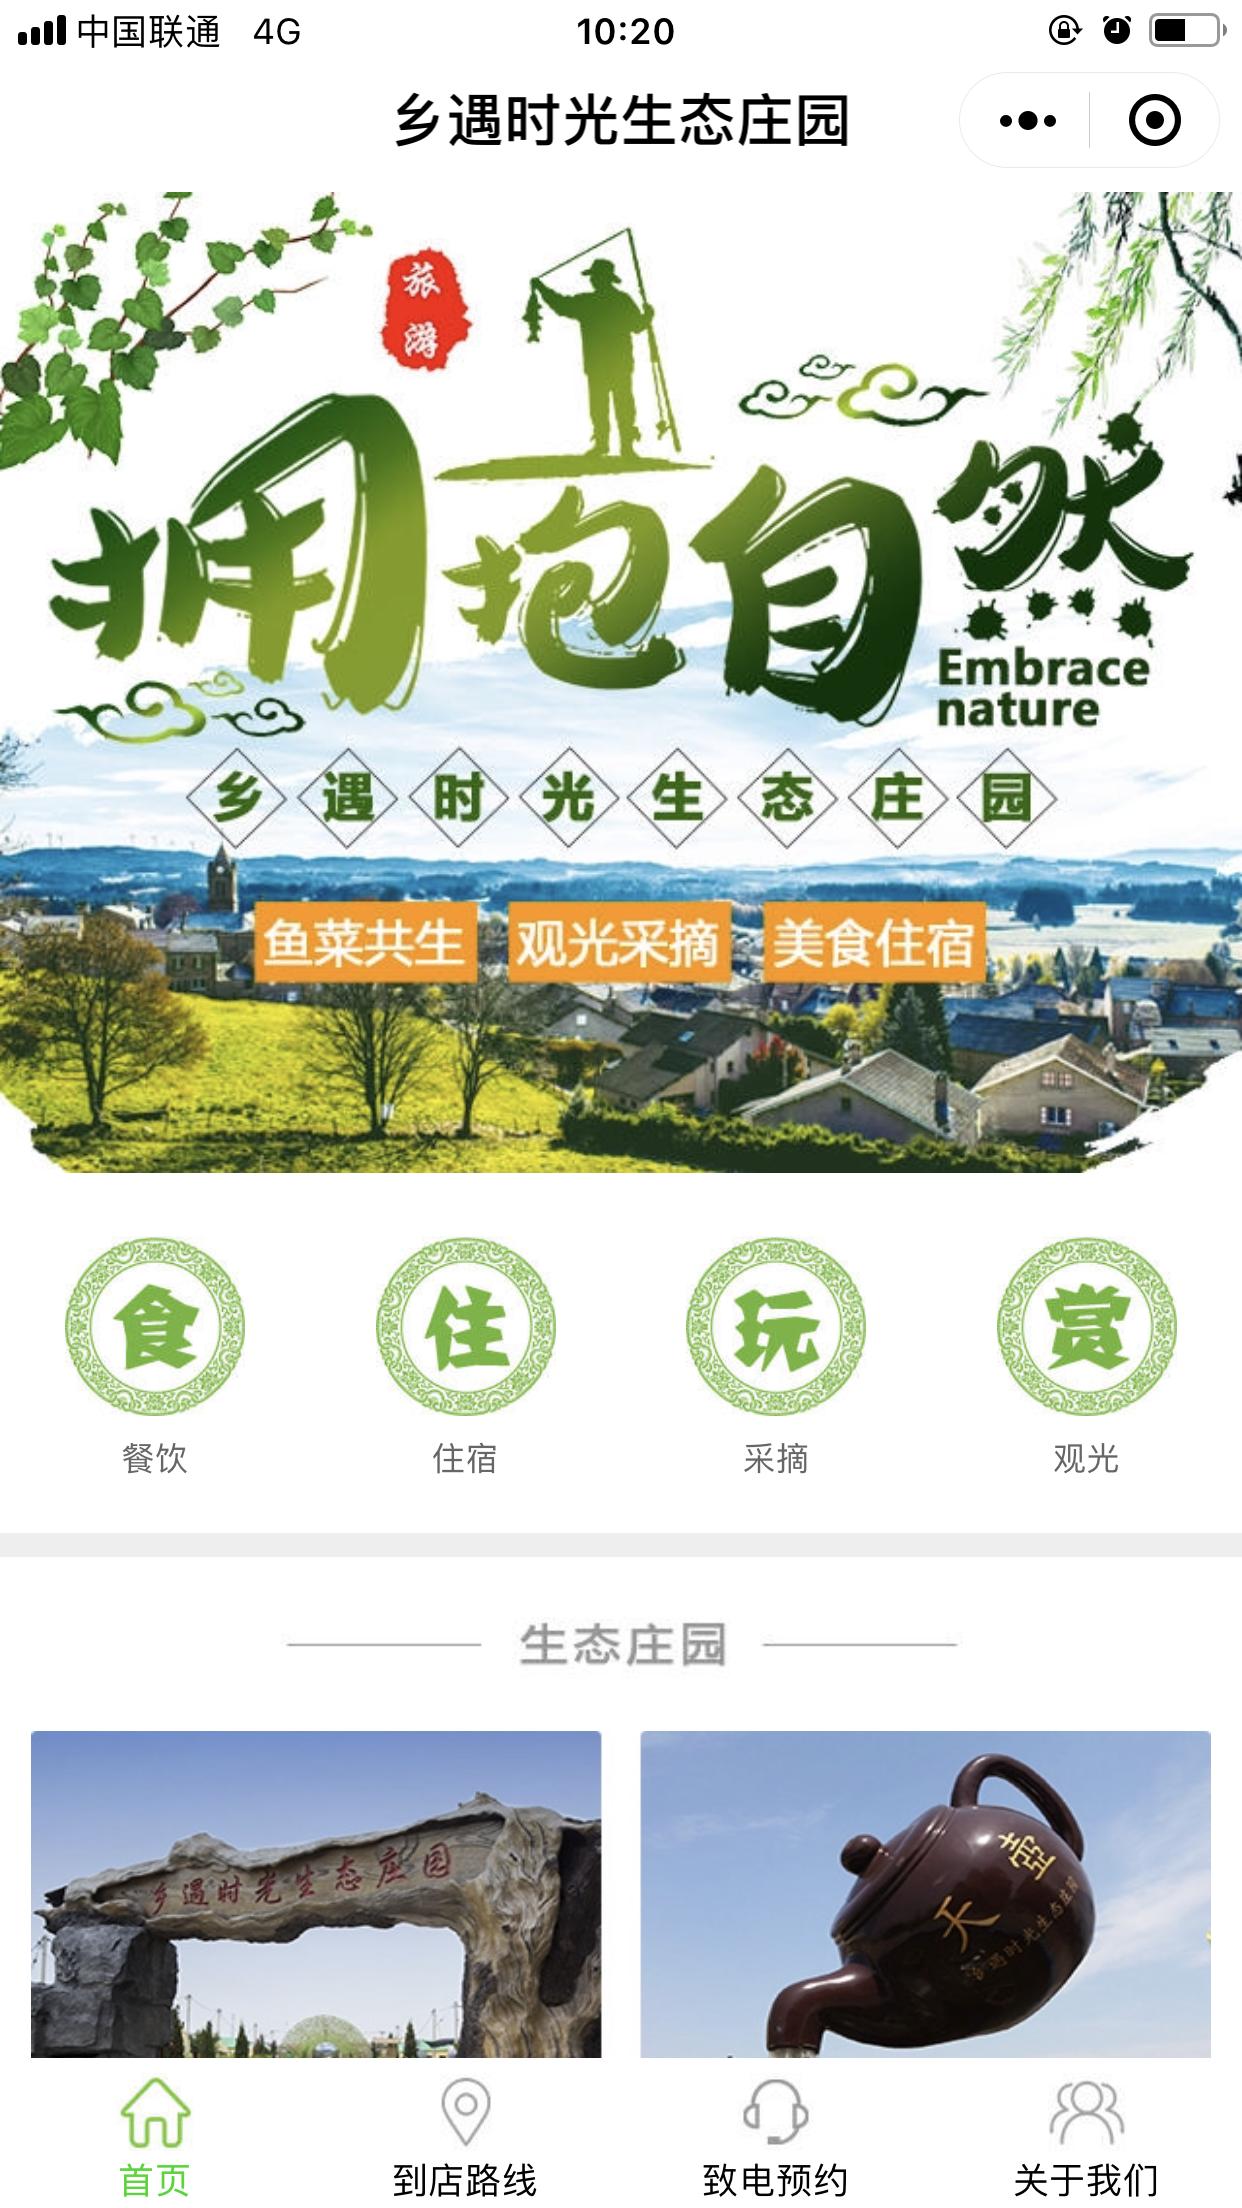 微信沈阳乡遇时光农业发展有限公司小程序